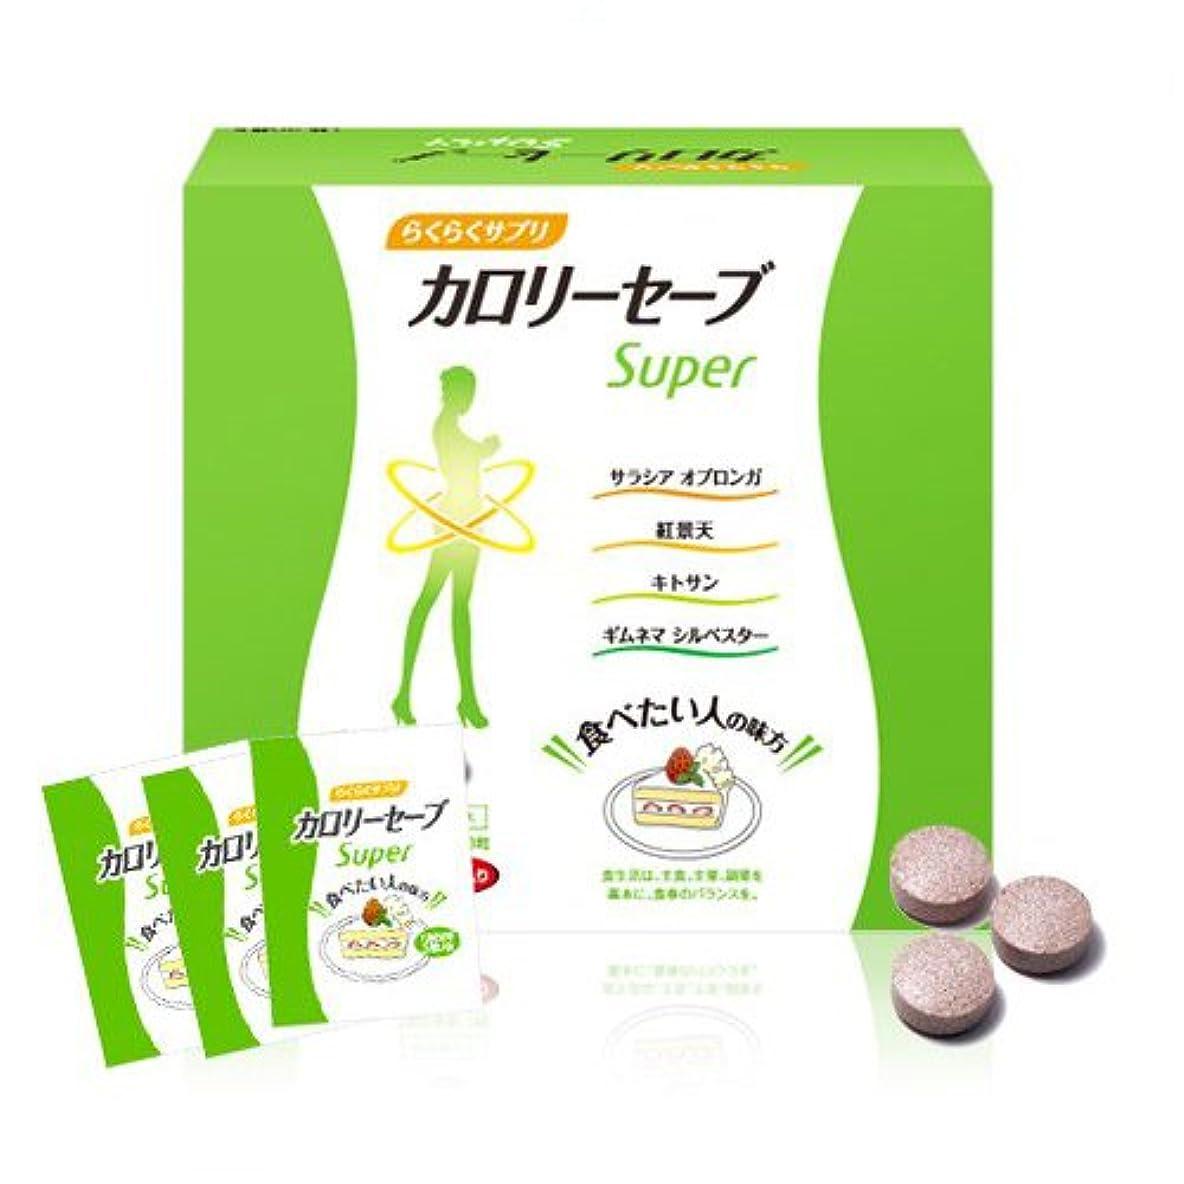 暖かく険しい誘うスリムサプリメント らくらくサプリ カロリーセーブスーパー1箱(05680)